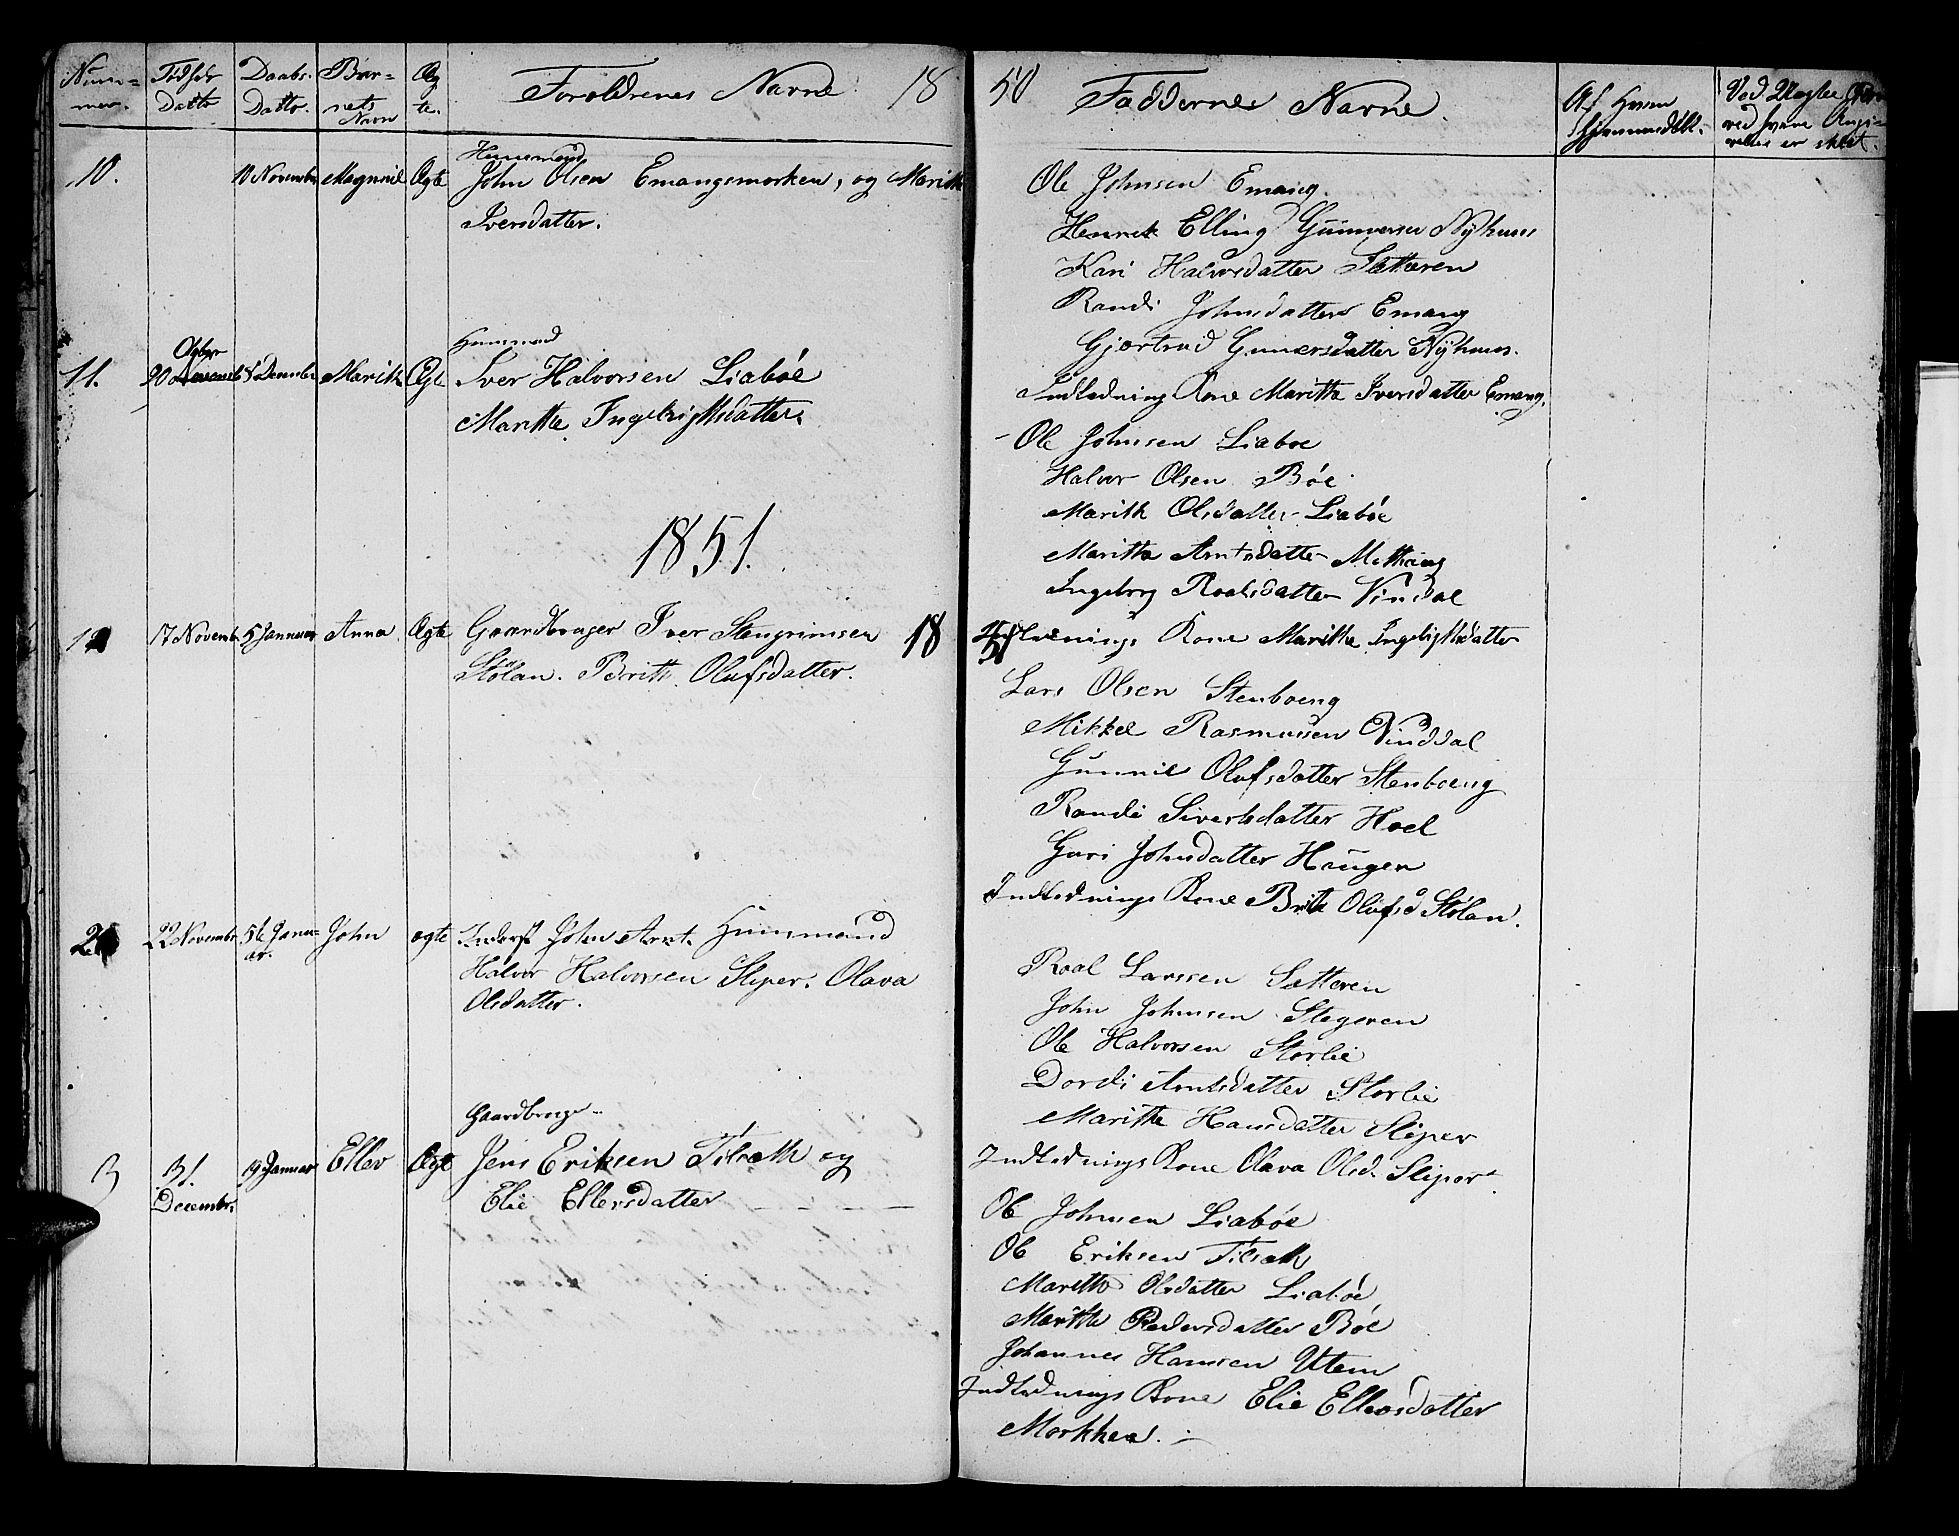 SAT, Ministerialprotokoller, klokkerbøker og fødselsregistre - Sør-Trøndelag, 679/L0922: Klokkerbok nr. 679C02, 1845-1851, s. 17